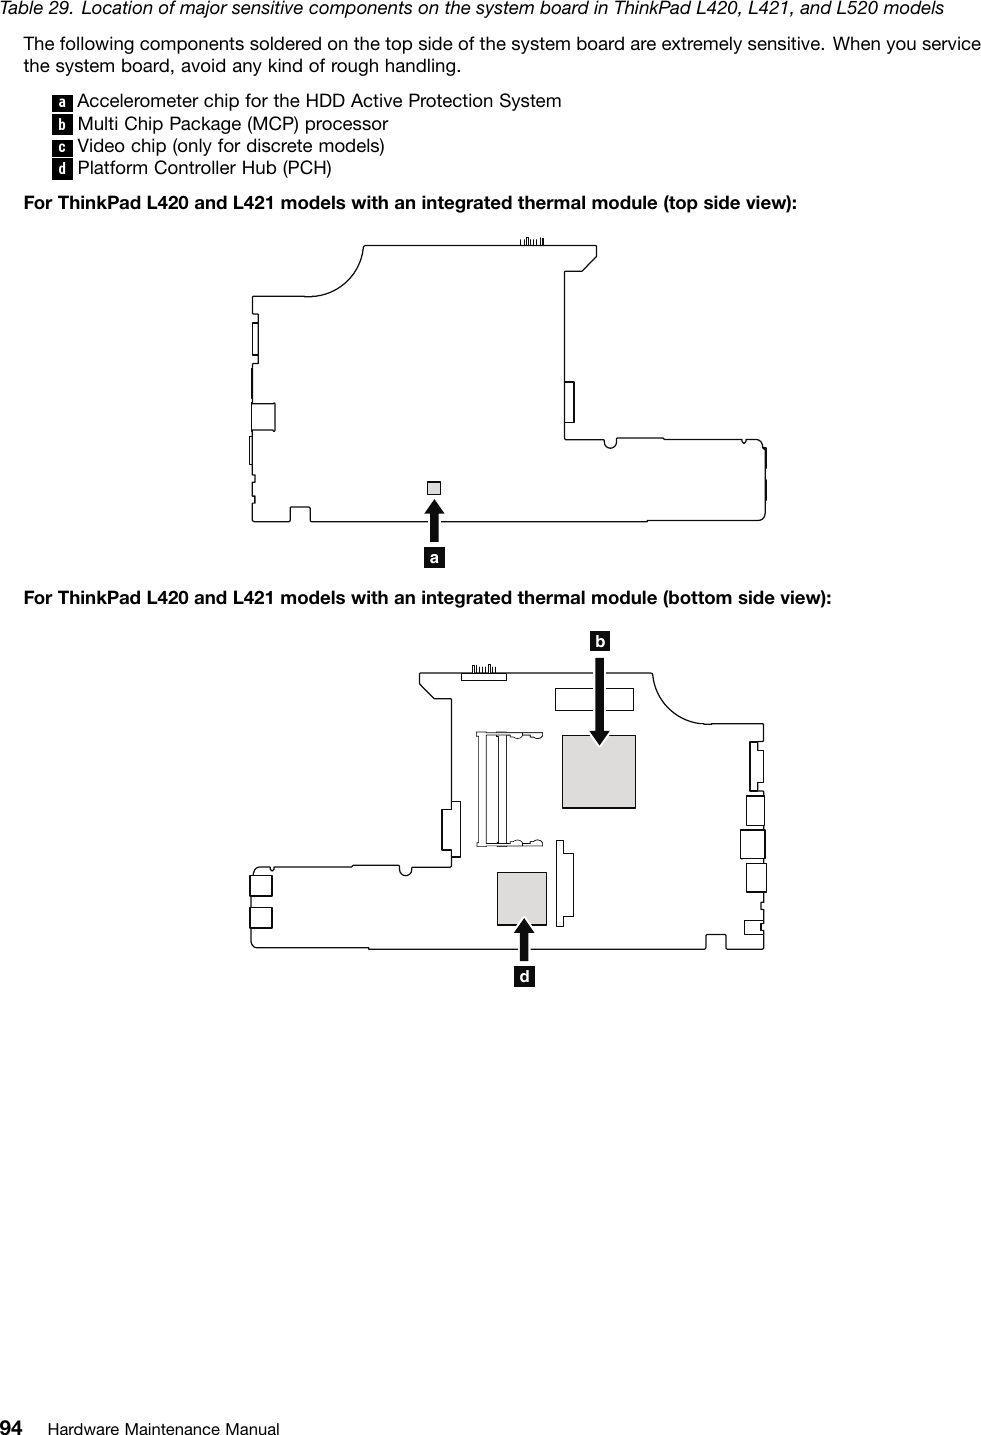 Lenovo Thinkpad L420 Users Manual L420, L421, And L520 Hardware